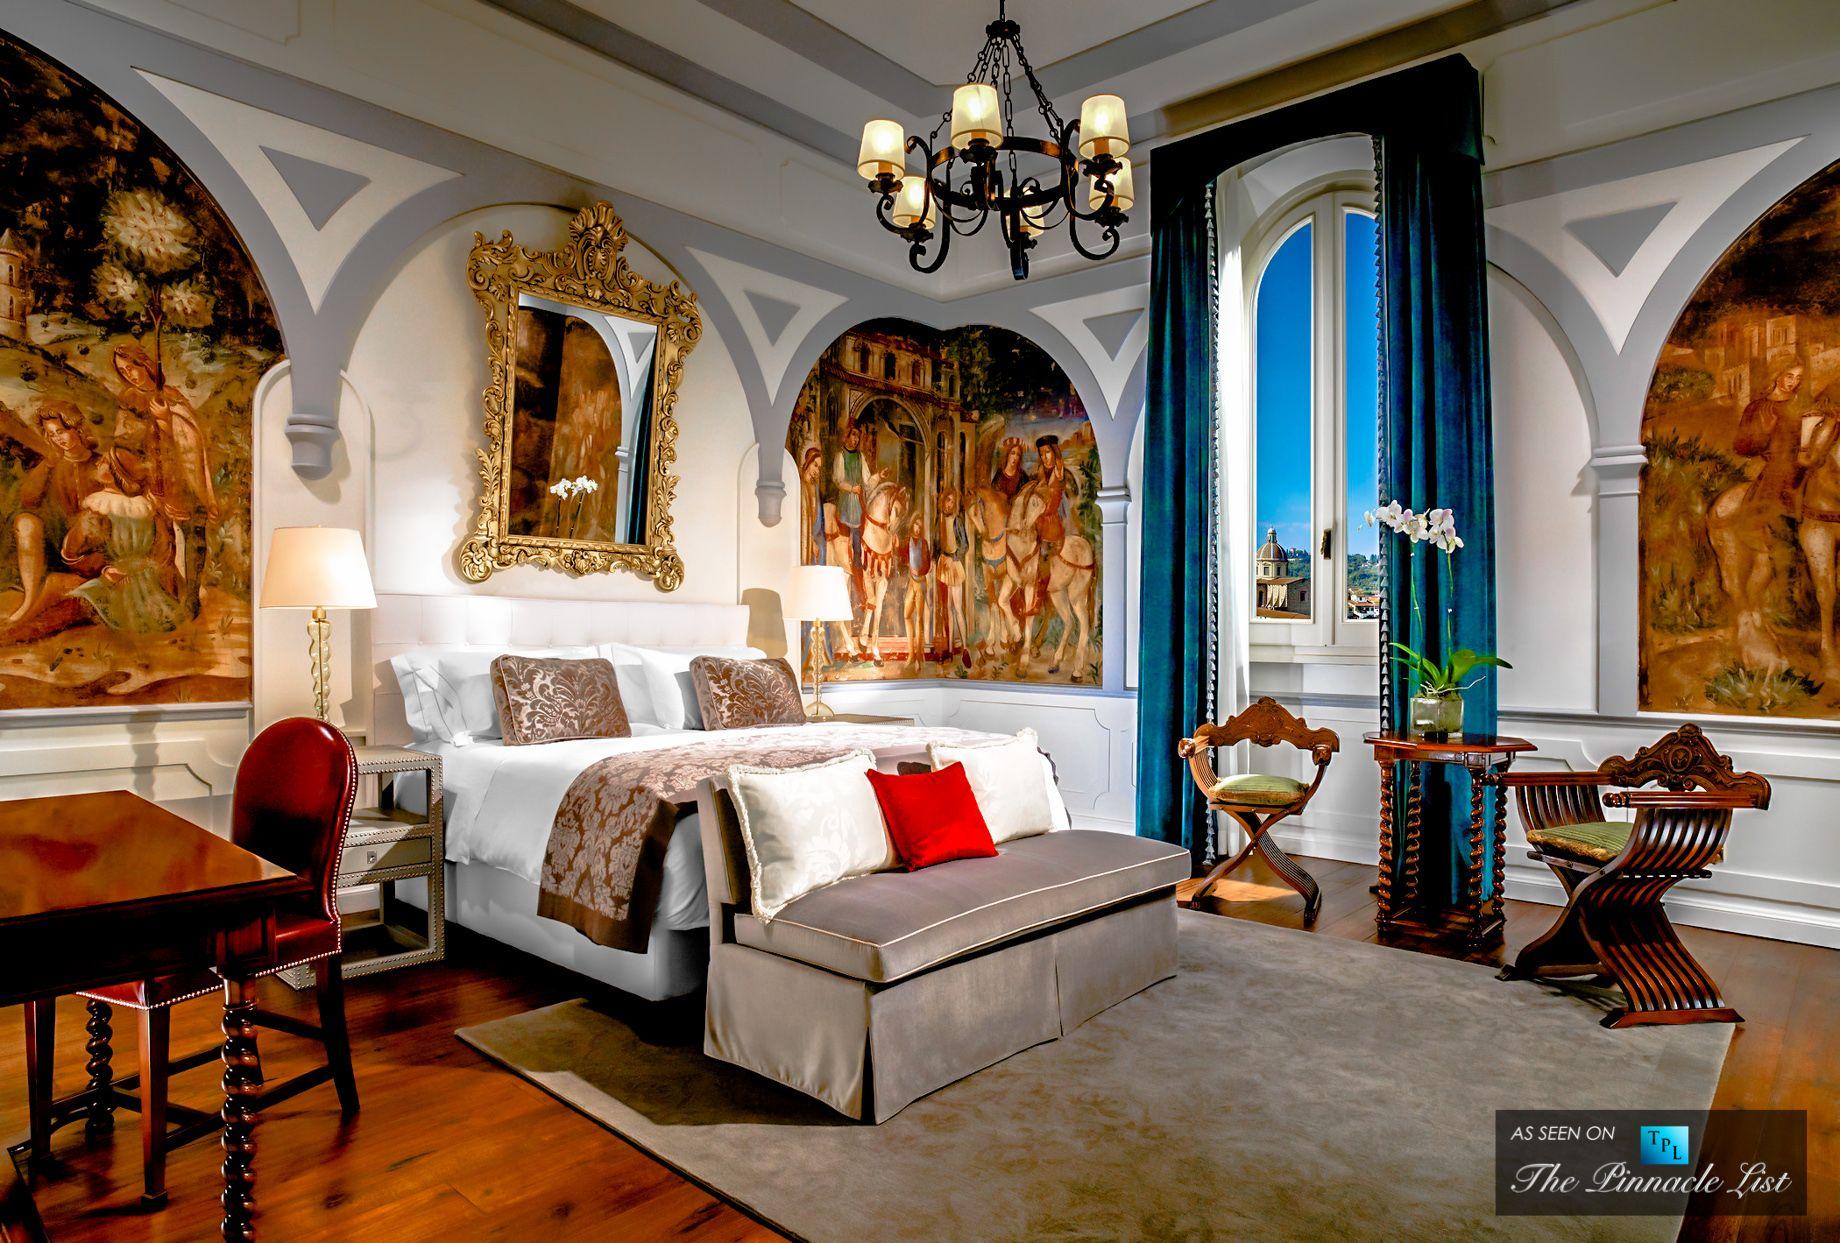 St regis luxury hotel florence italy premium deluxe for Hotel design italia